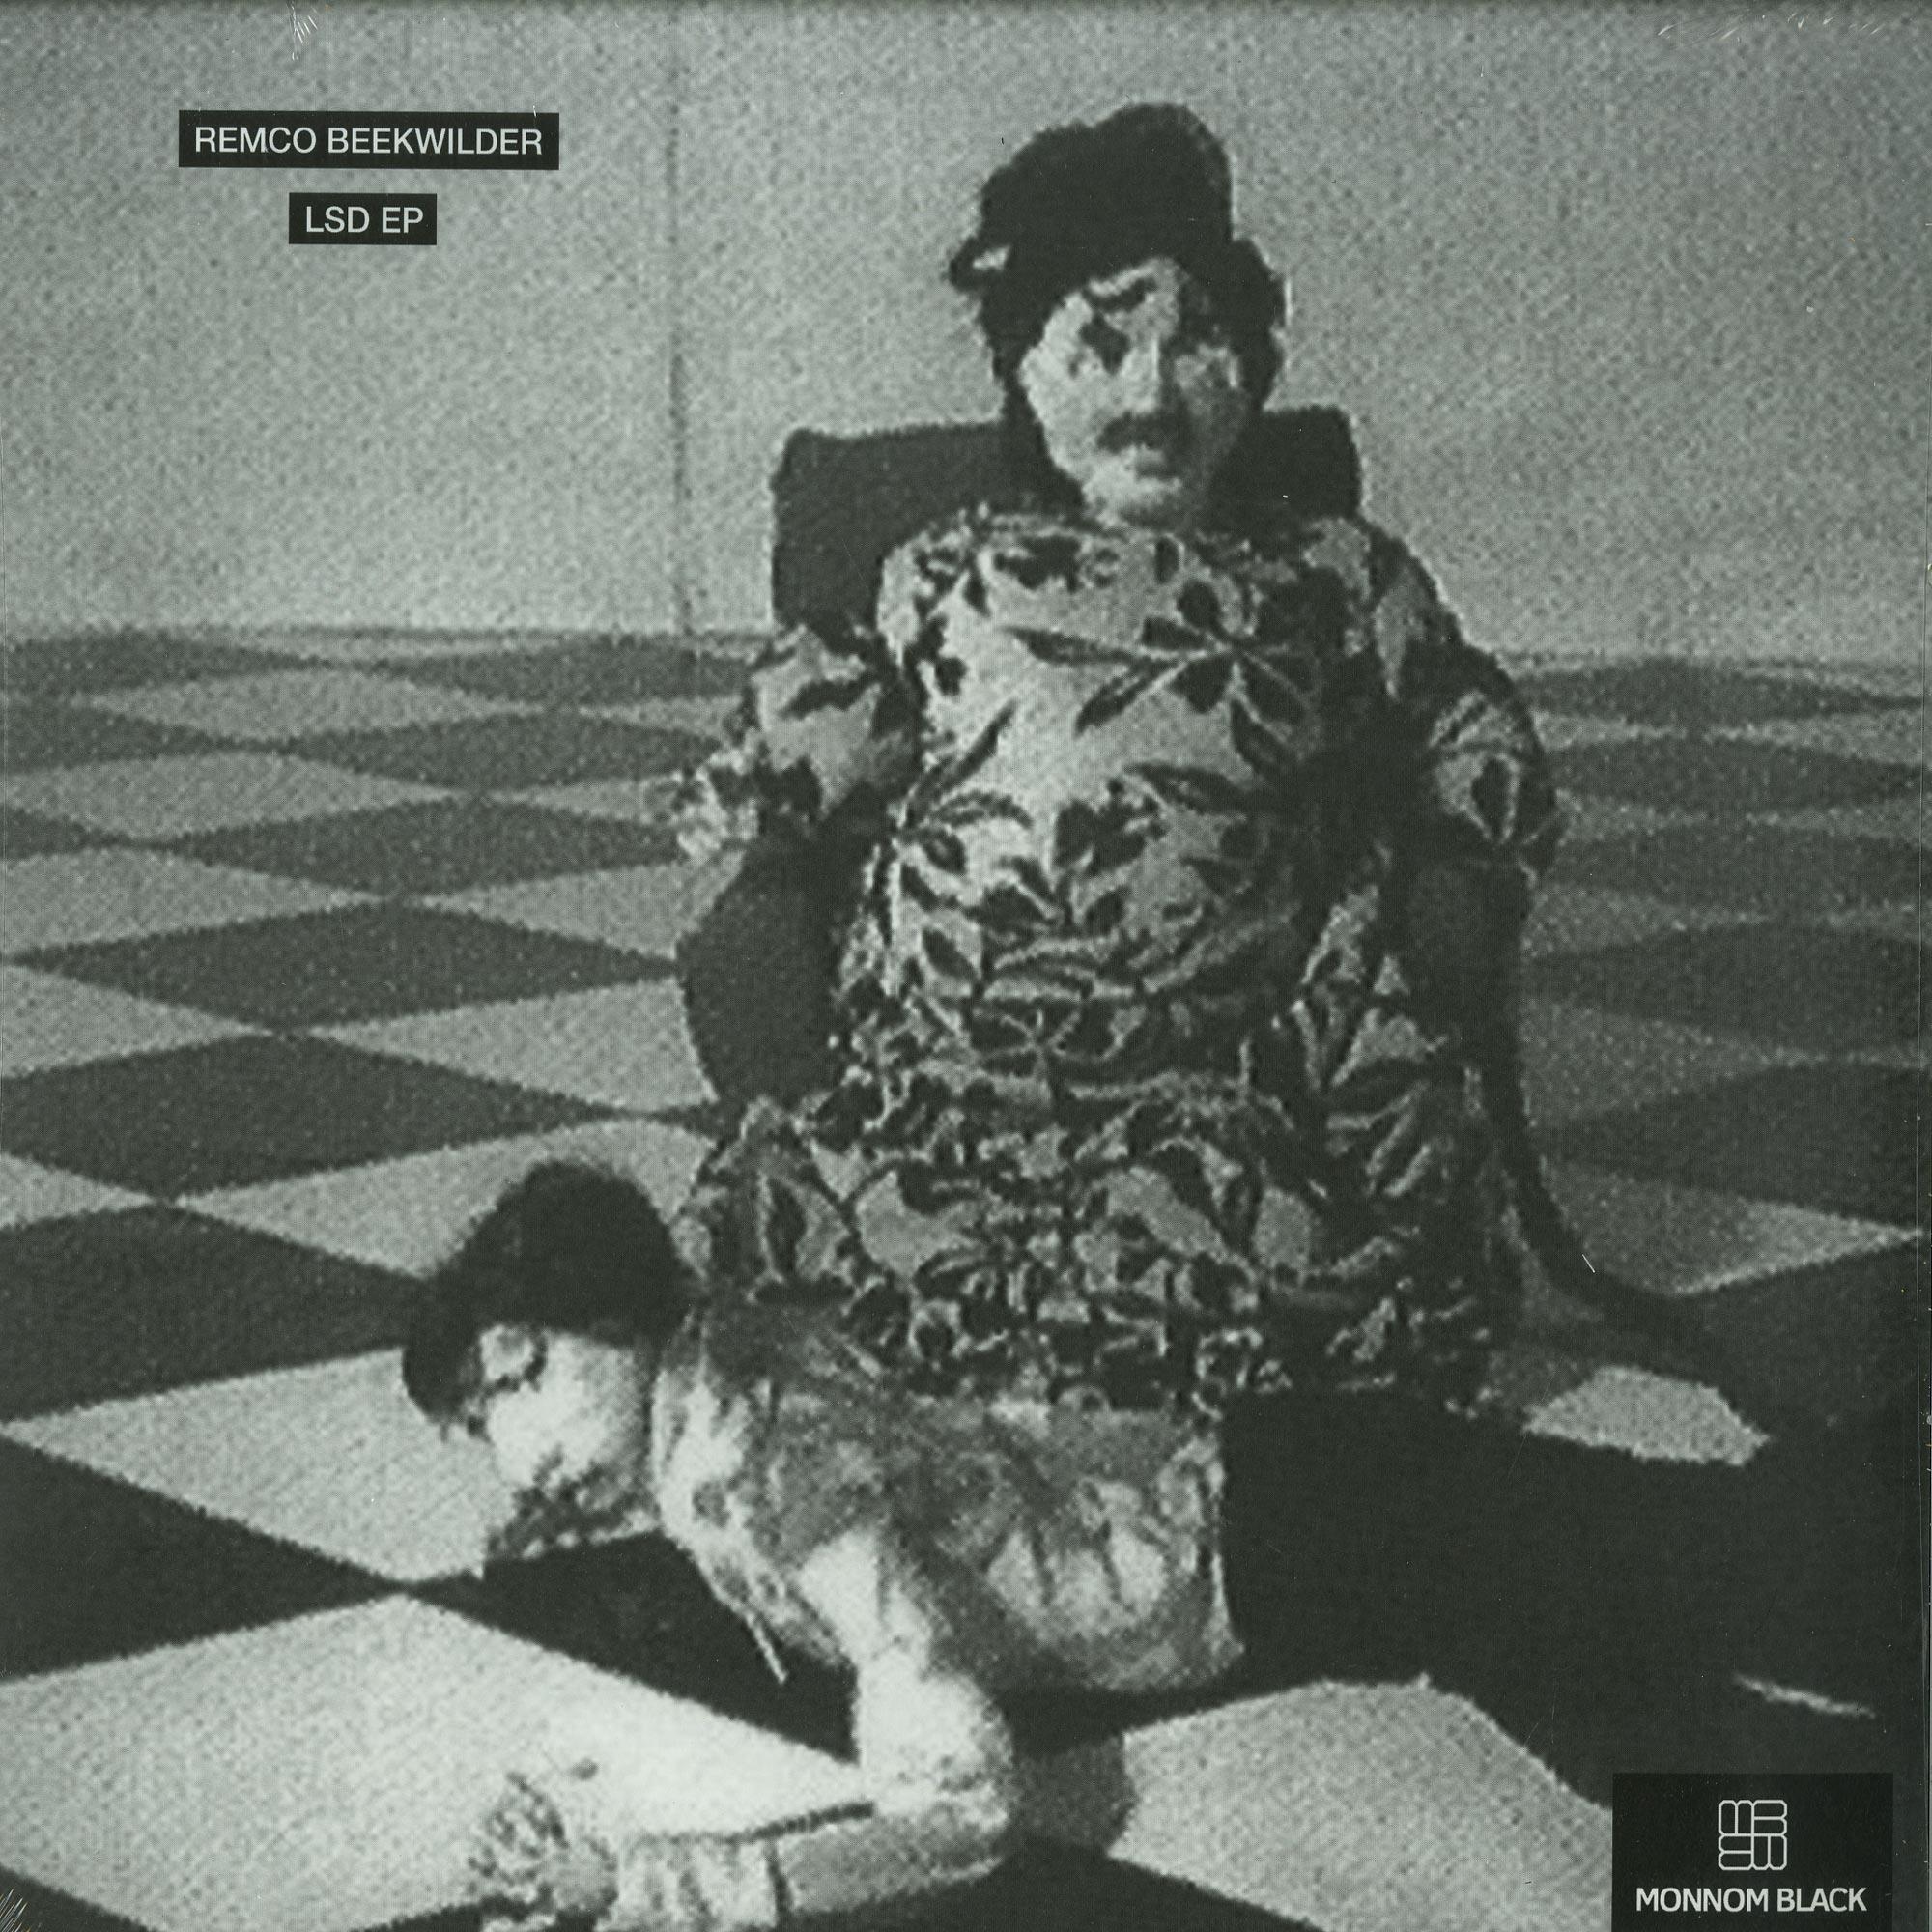 Remco Beekwilder - LSD EP